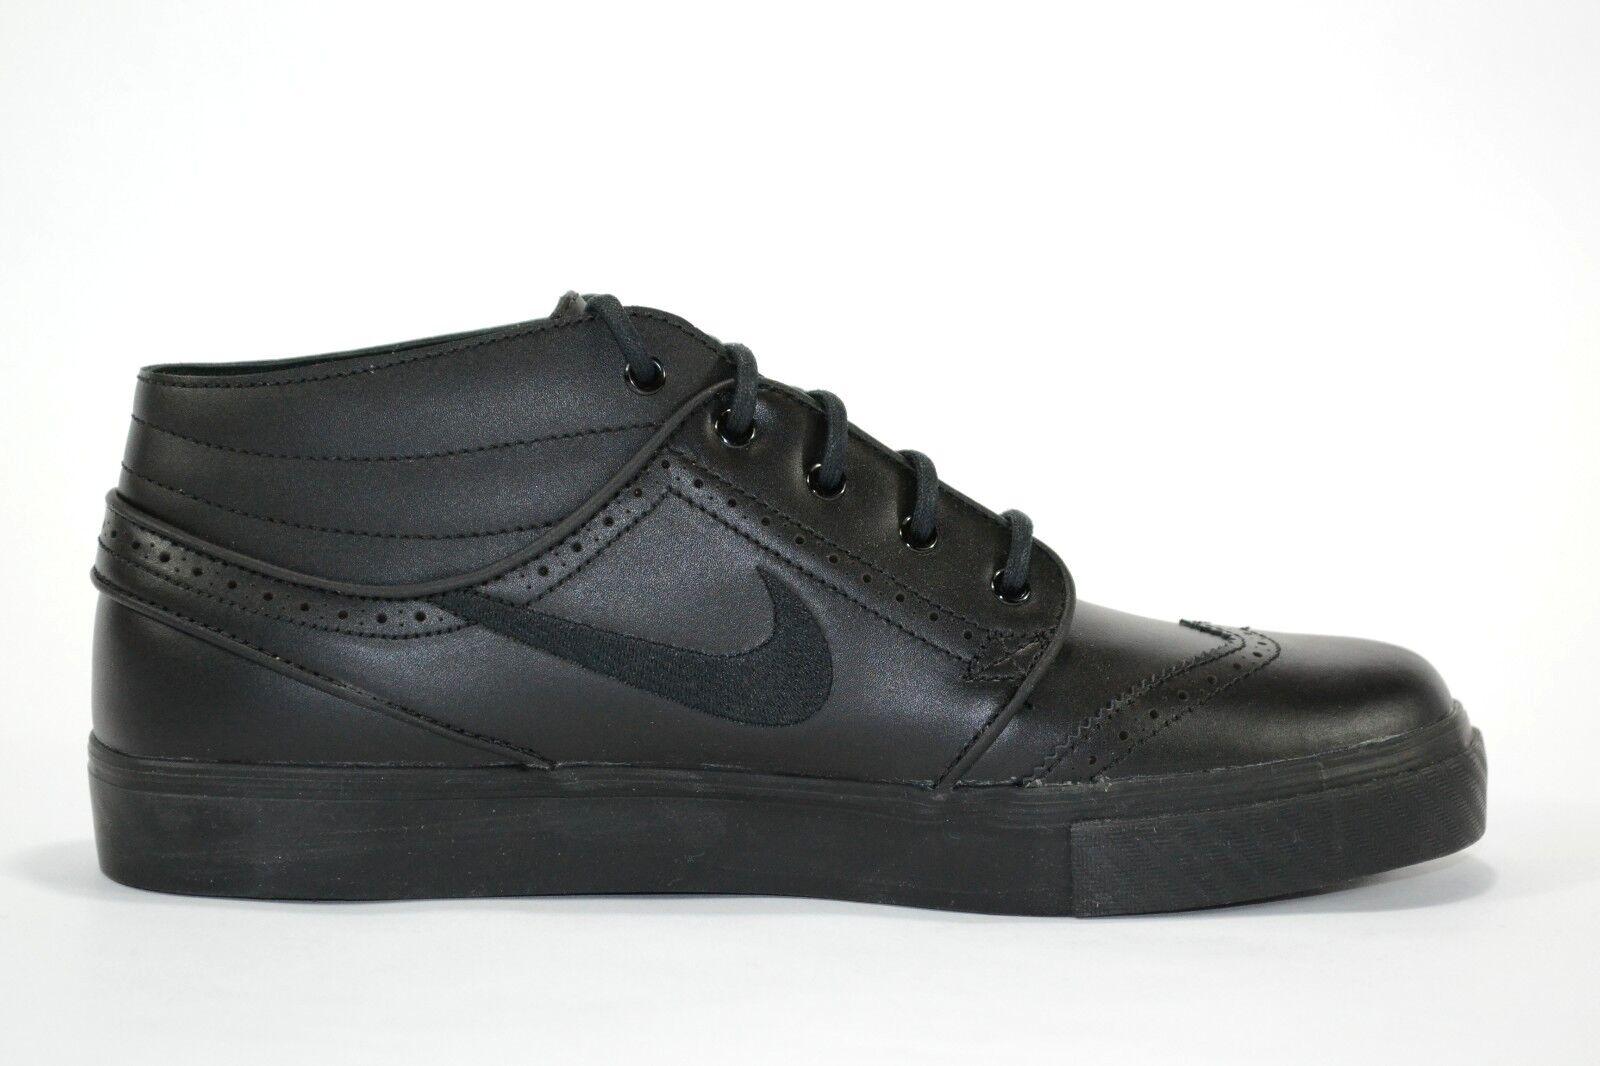 Nike pr zoom stefan janoski md pr Nike di pelle nera, pattinare difettoso (211) scarpe da uomo 5cc1e2